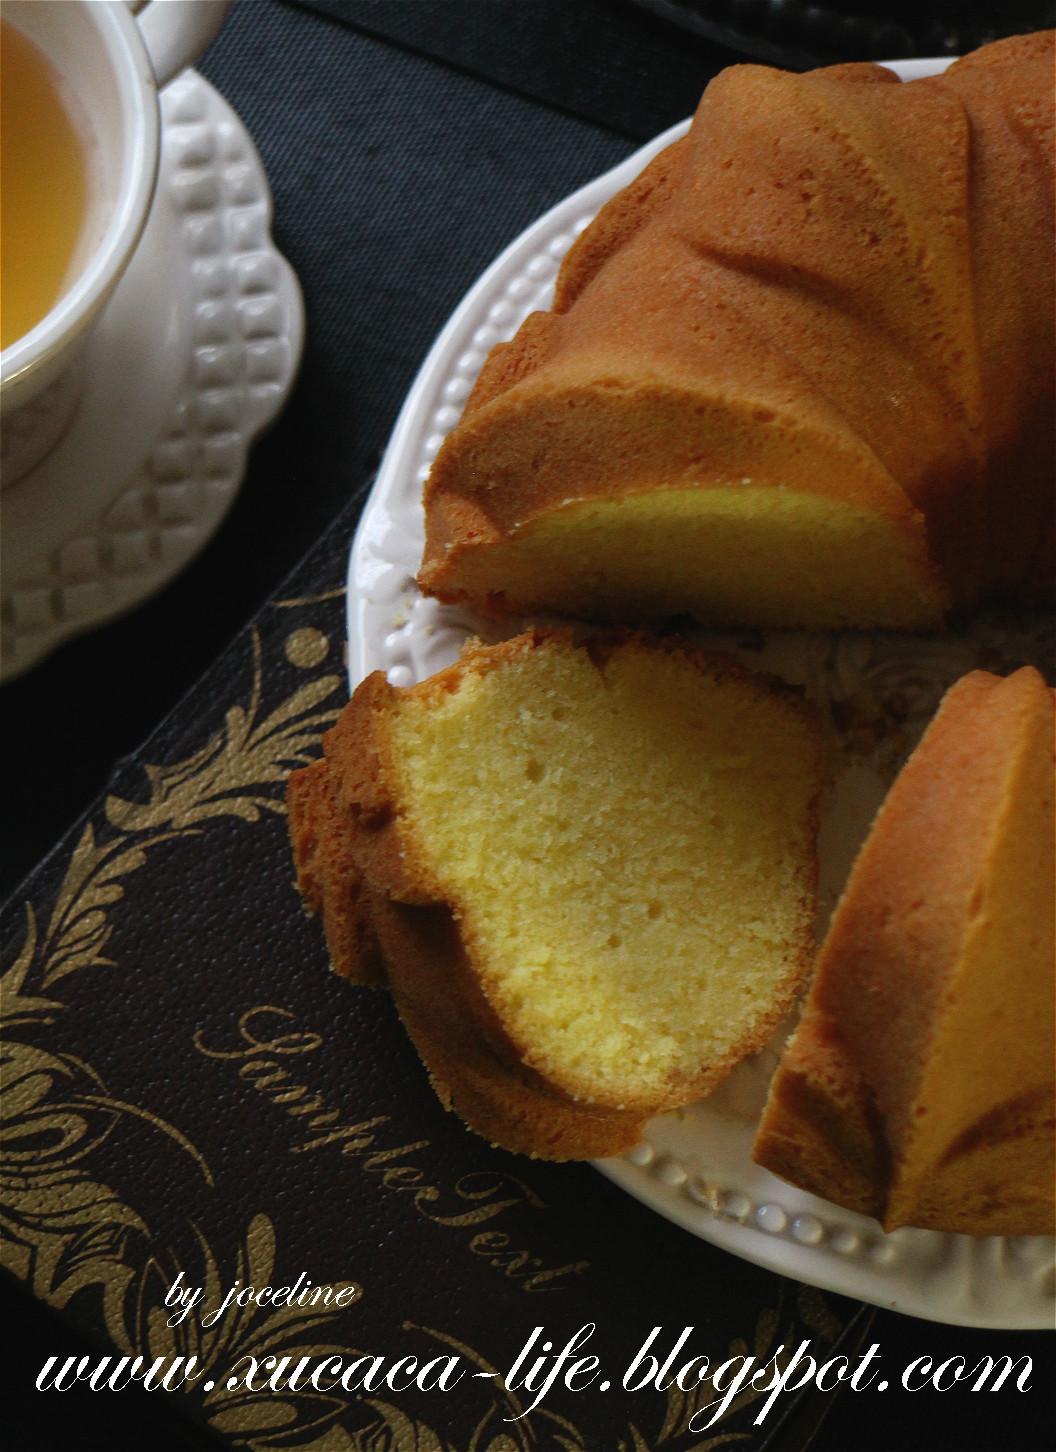 ... 之约: 猫王磅蛋糕 (Elvis Presley's Favourite Pound Cake